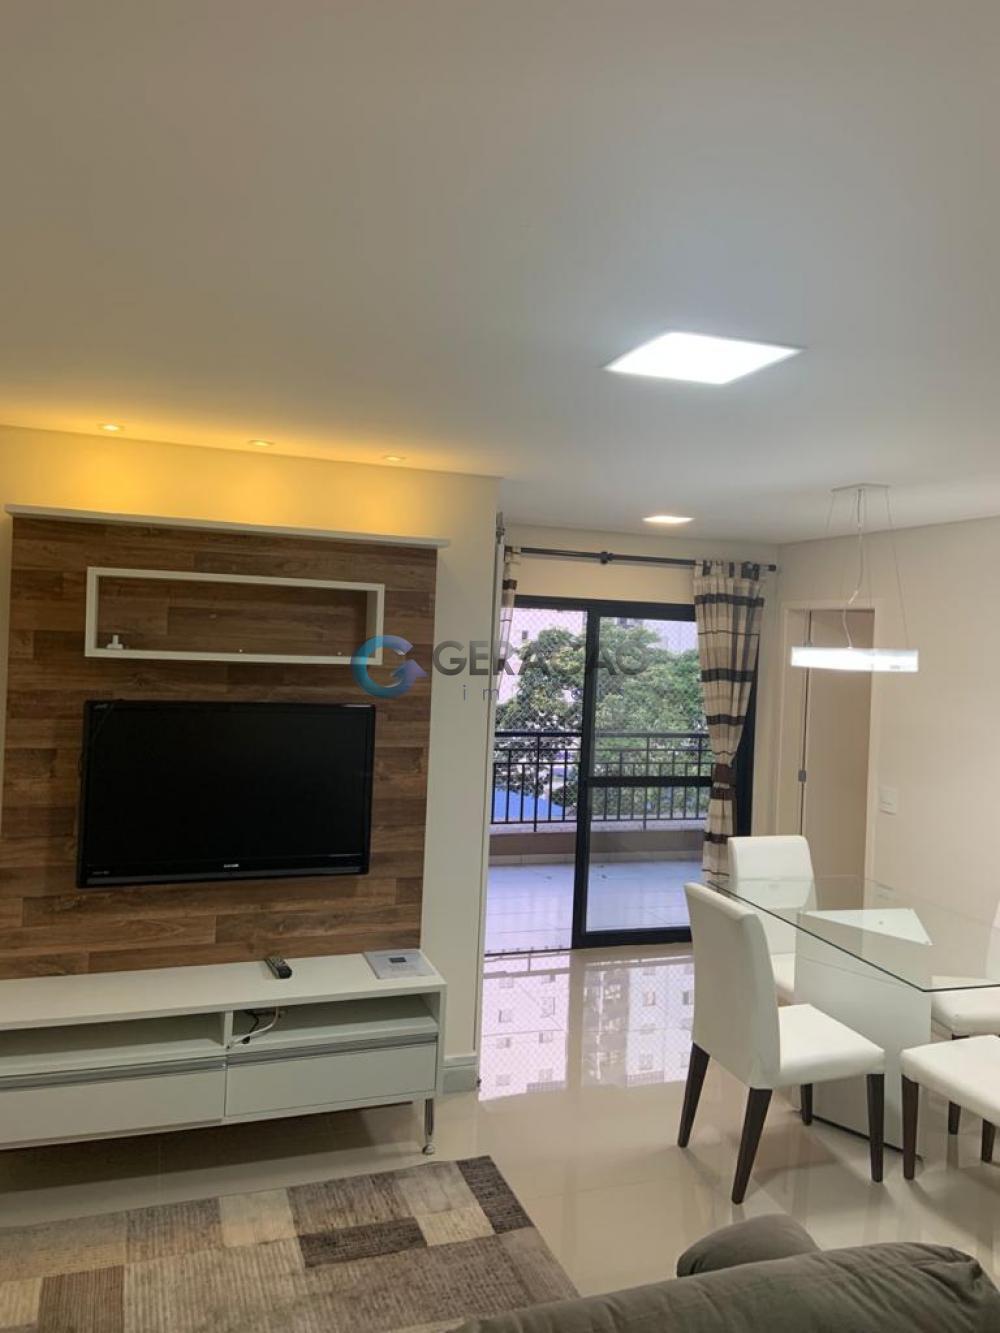 Comprar Apartamento / Padrão em São José dos Campos apenas R$ 350.000,00 - Foto 6